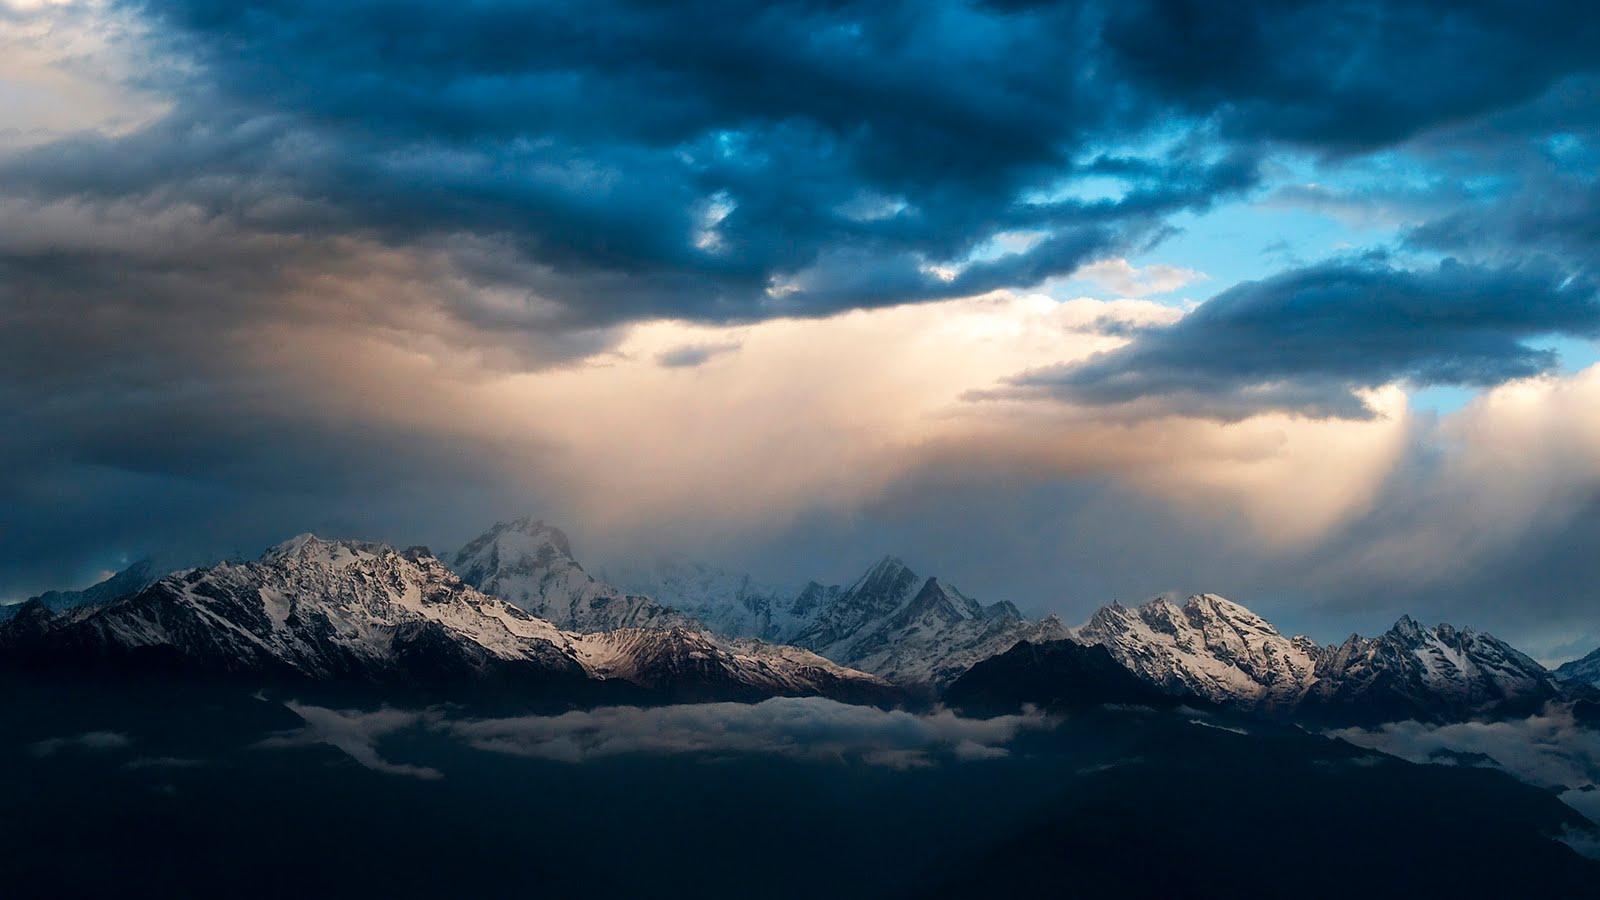 Montaña Nevada Hd: Idool Volcanes, Montañas Y Nevados III (11 Fondos O